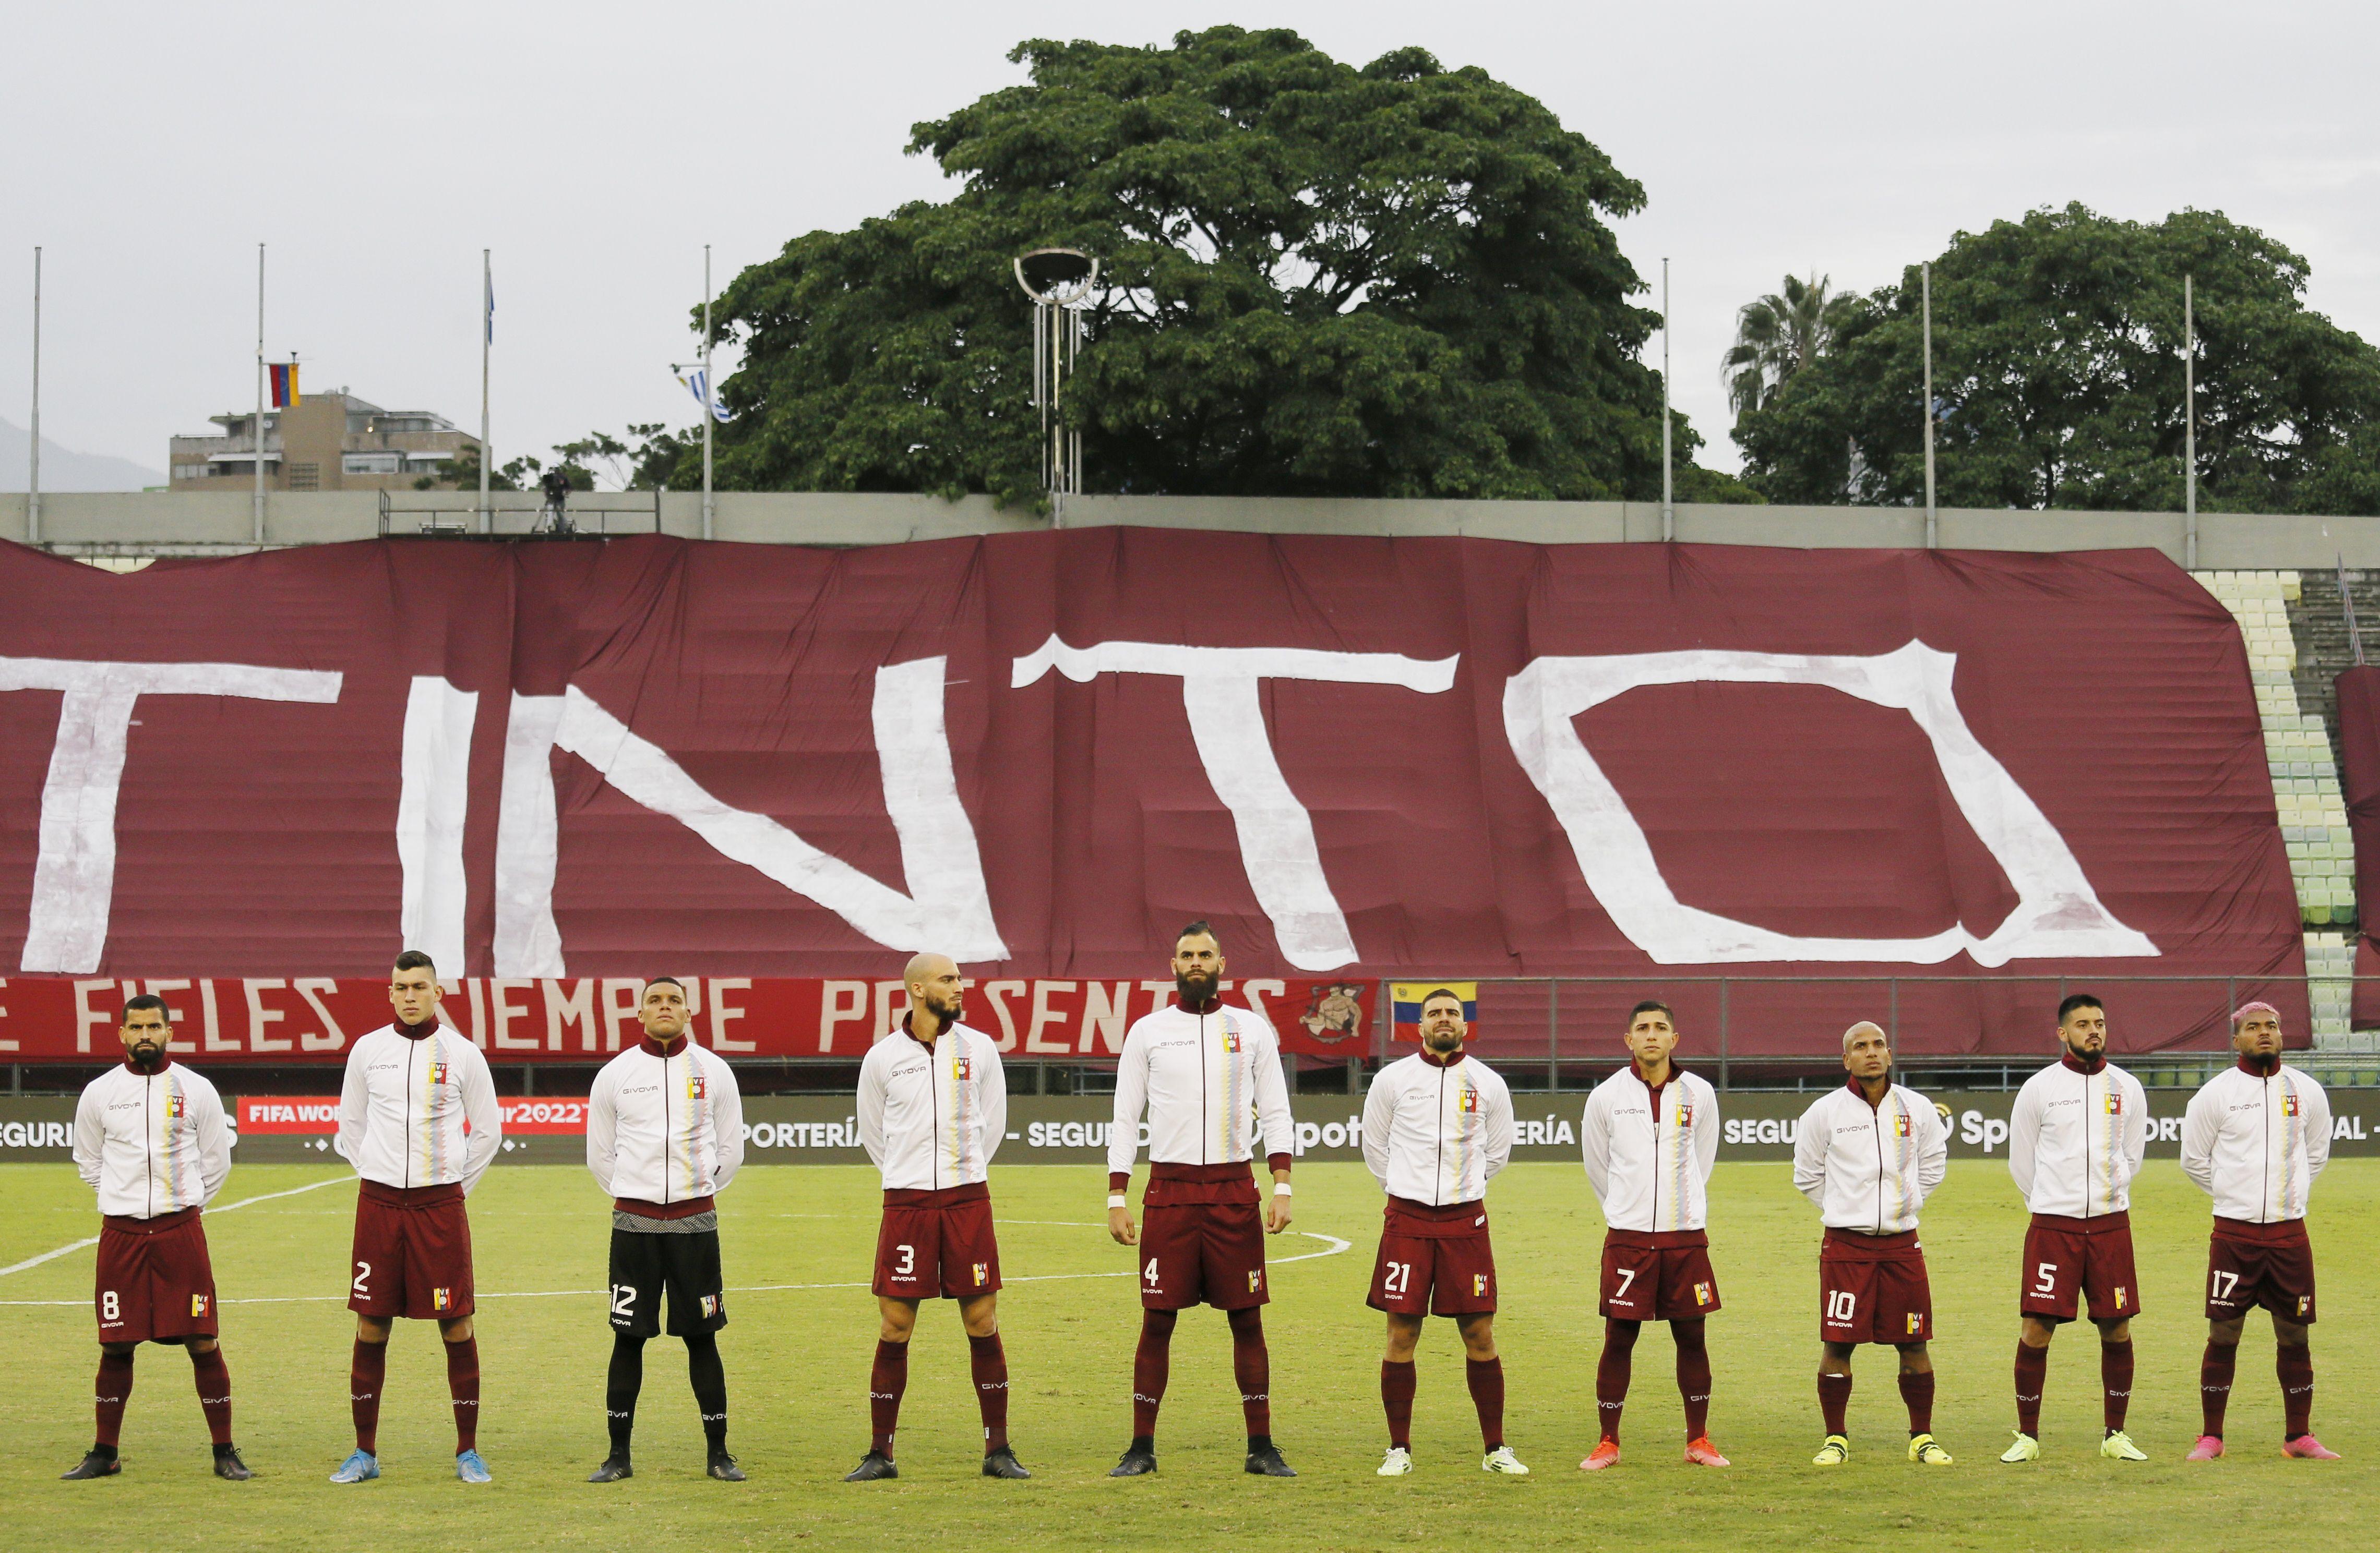 Venezuela podrá hacer cambios ilimitados para reemplazar a los jugadores con COVID-19, según avisó la Conmebol (Foto:  REUTERS)